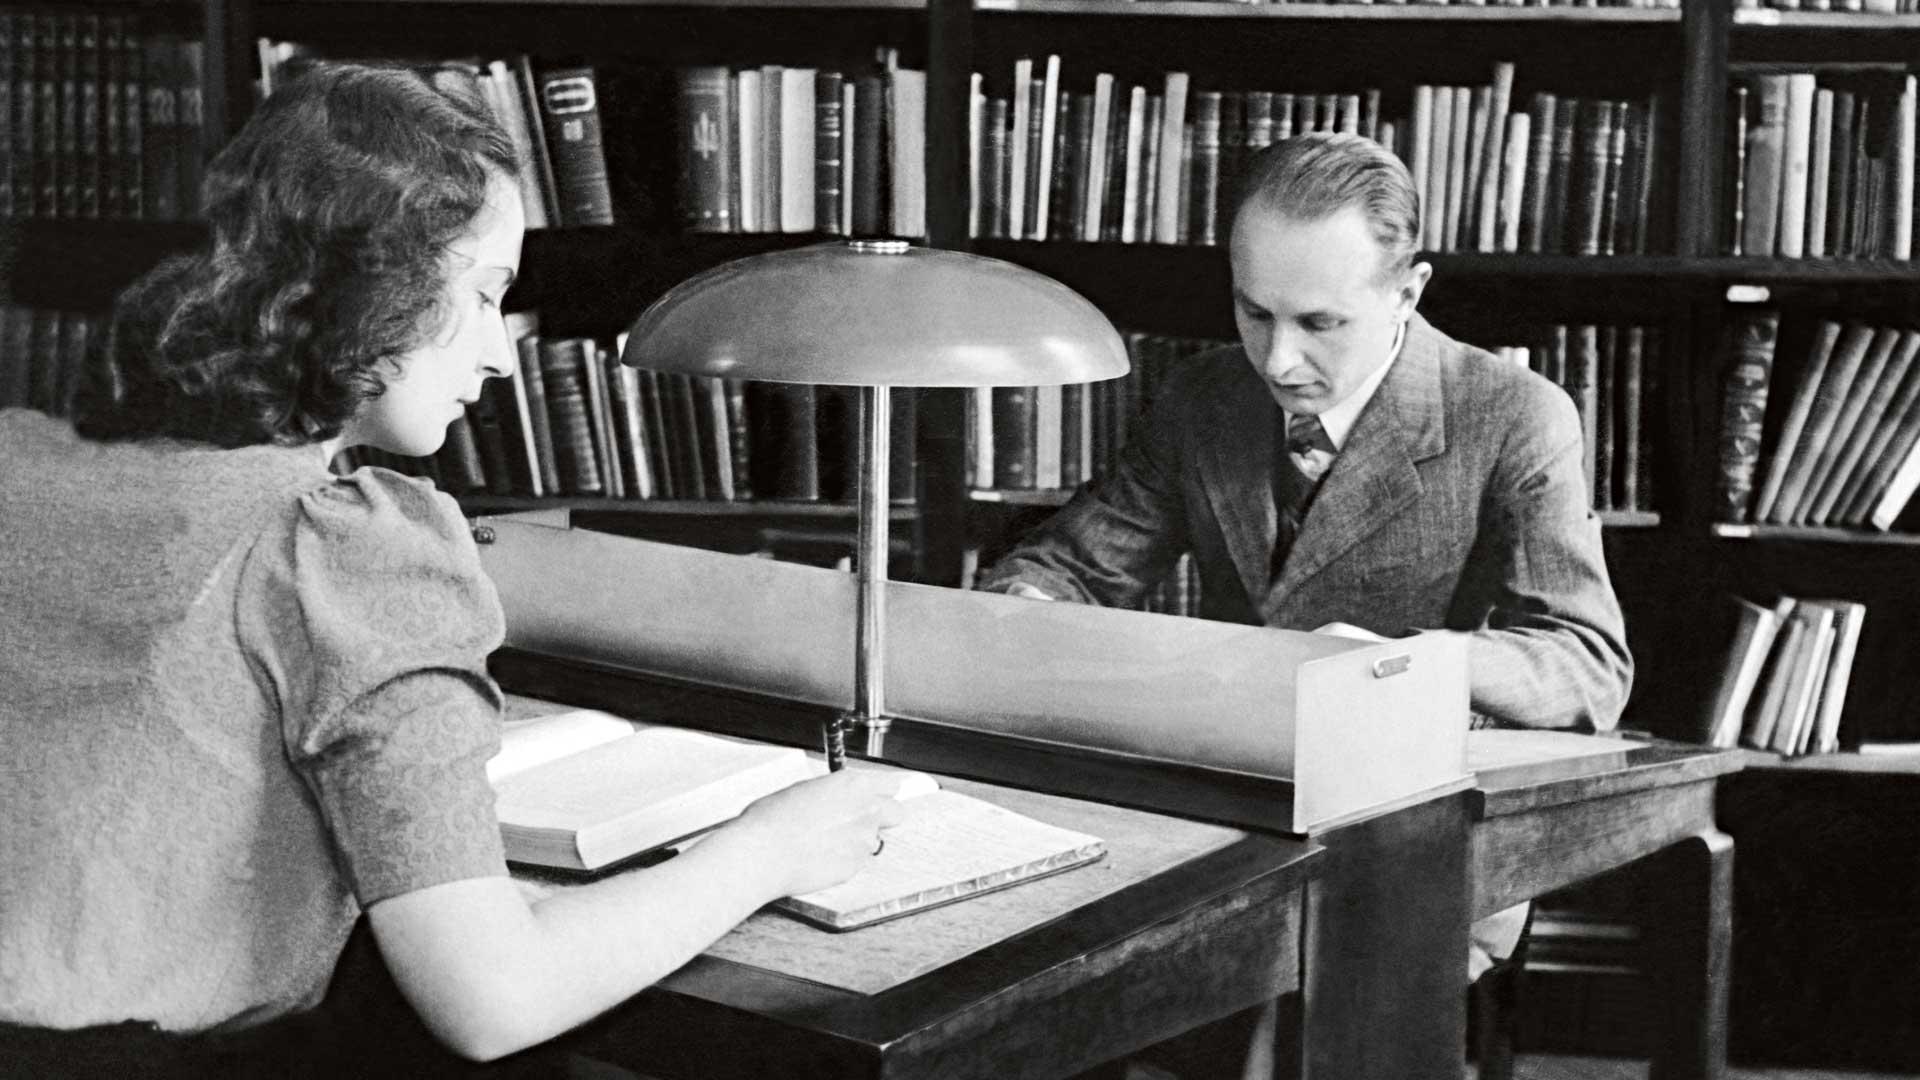 Satakuntalaisen osakunnan kirjastossa opiskeltiin keskittyneesti vuonna 1943.